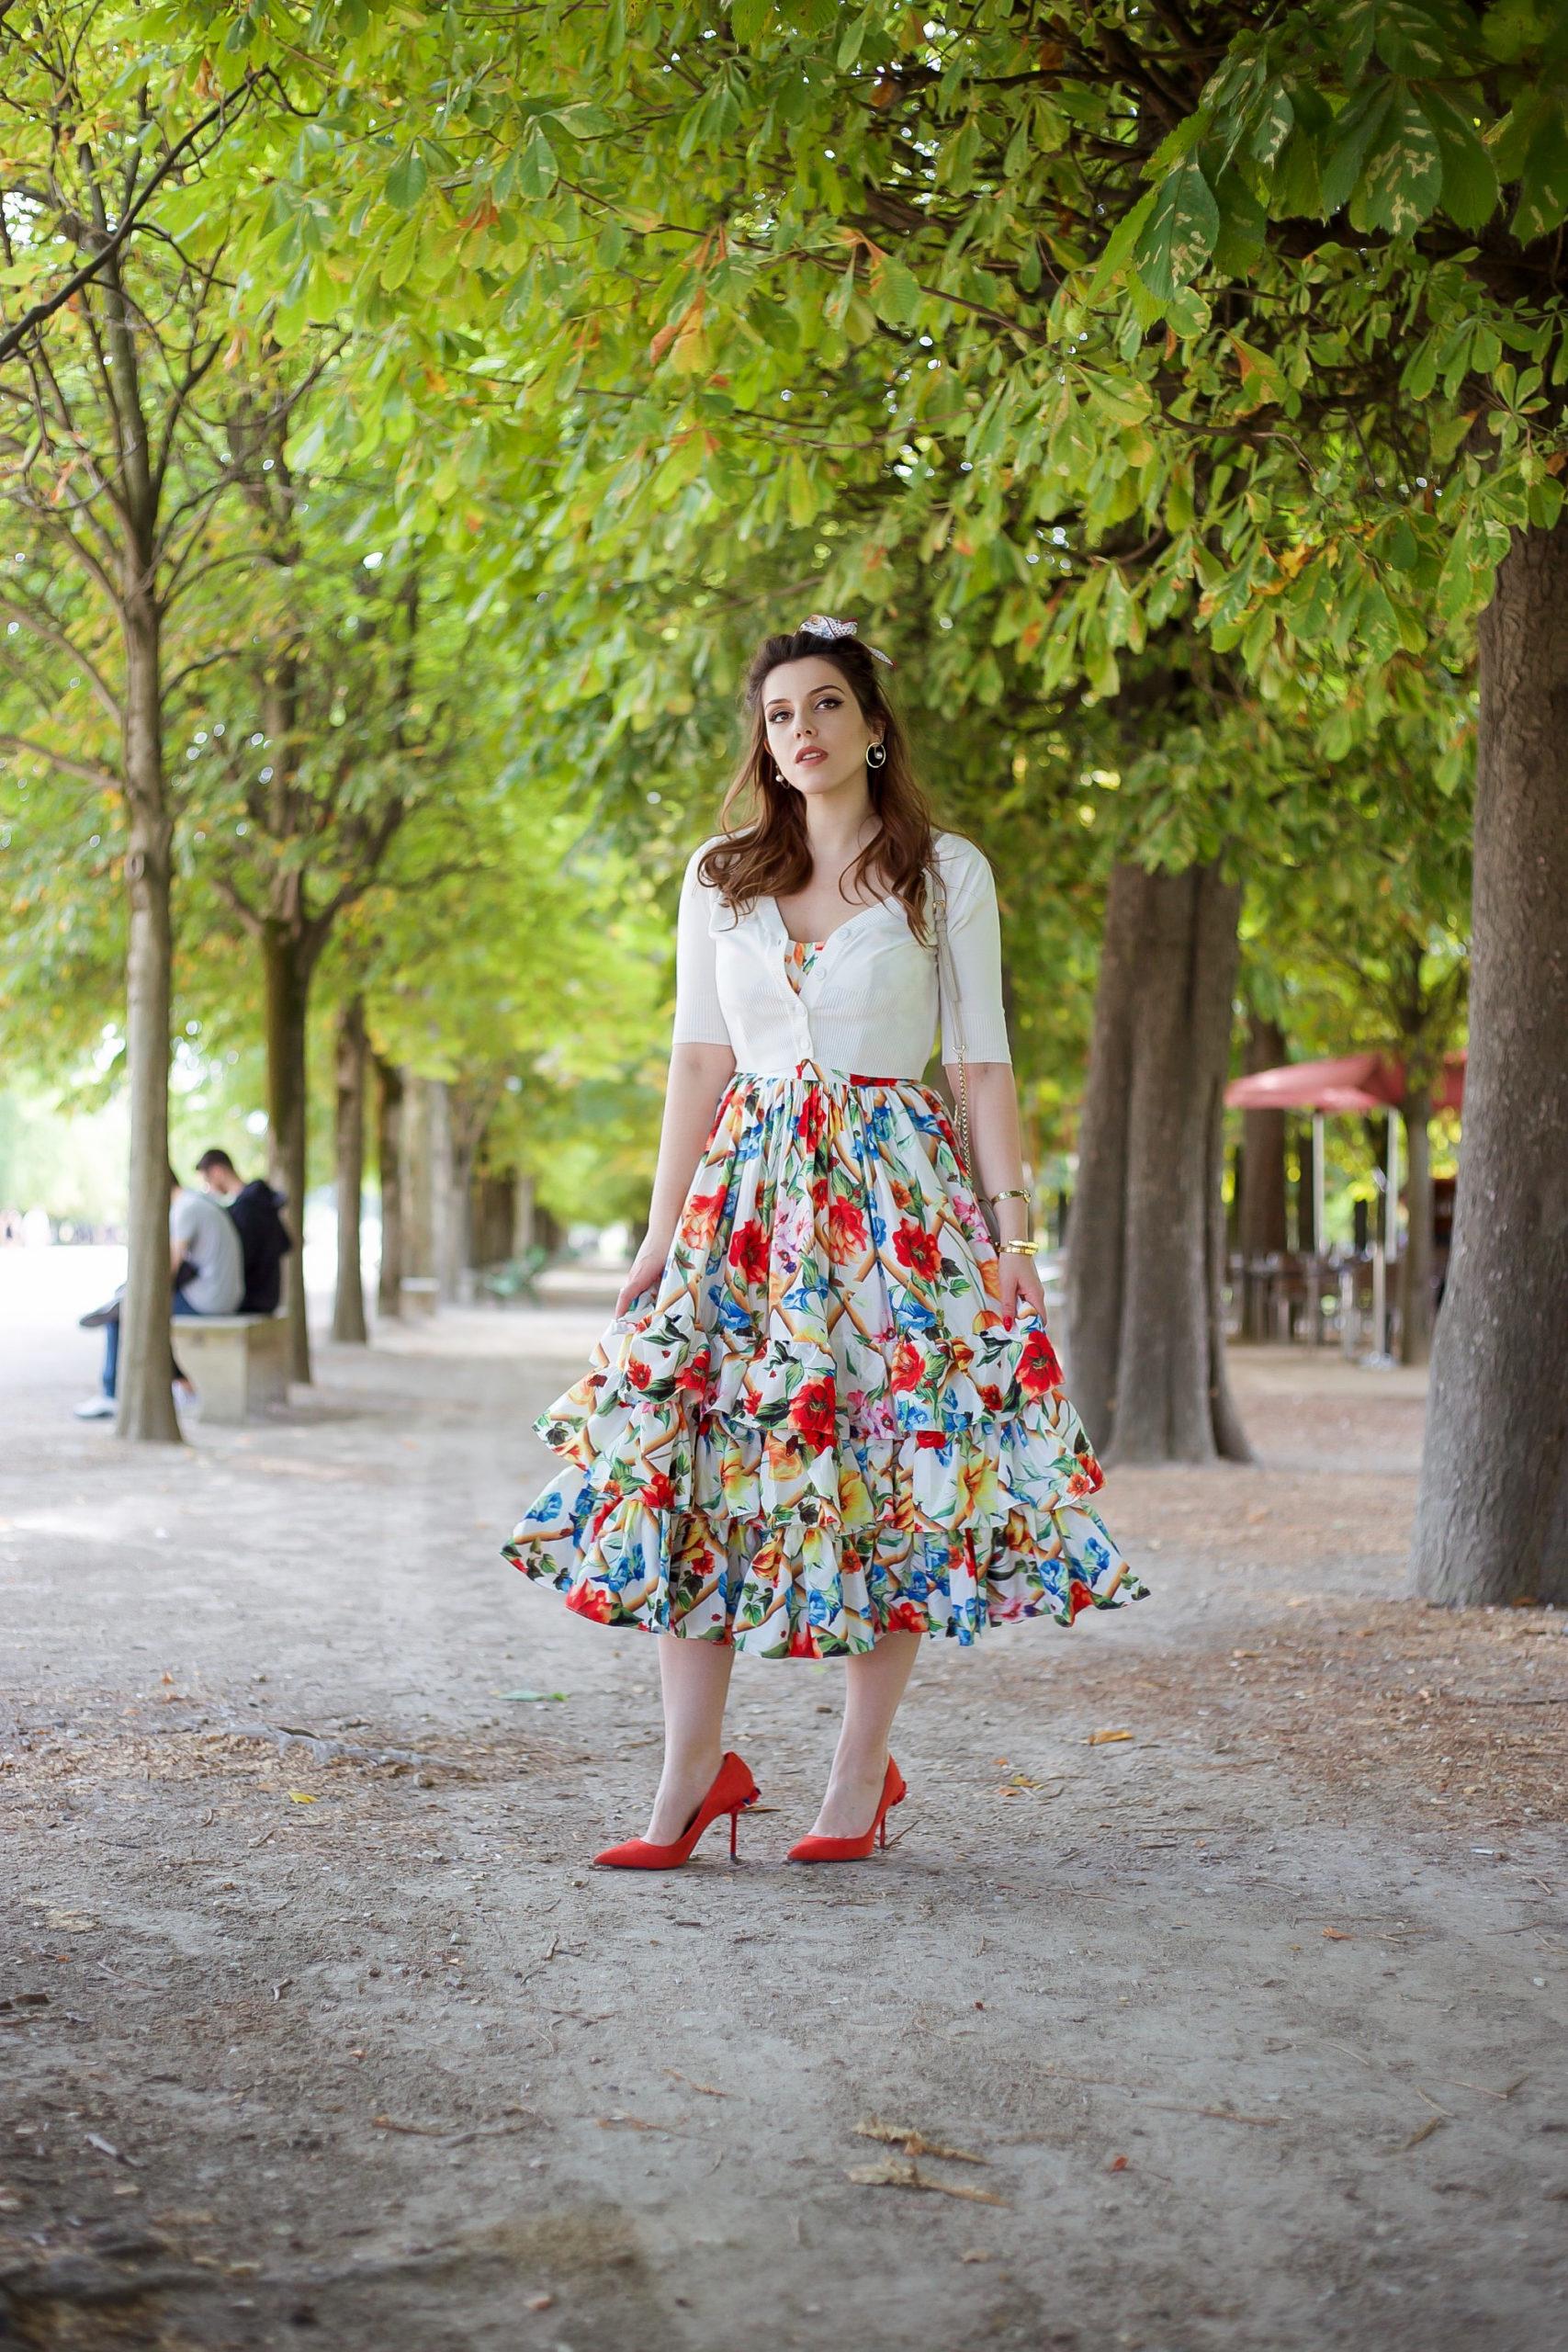 robe fleurie à volants Charlie Sugar Town Paris Blog mode vintage rétro